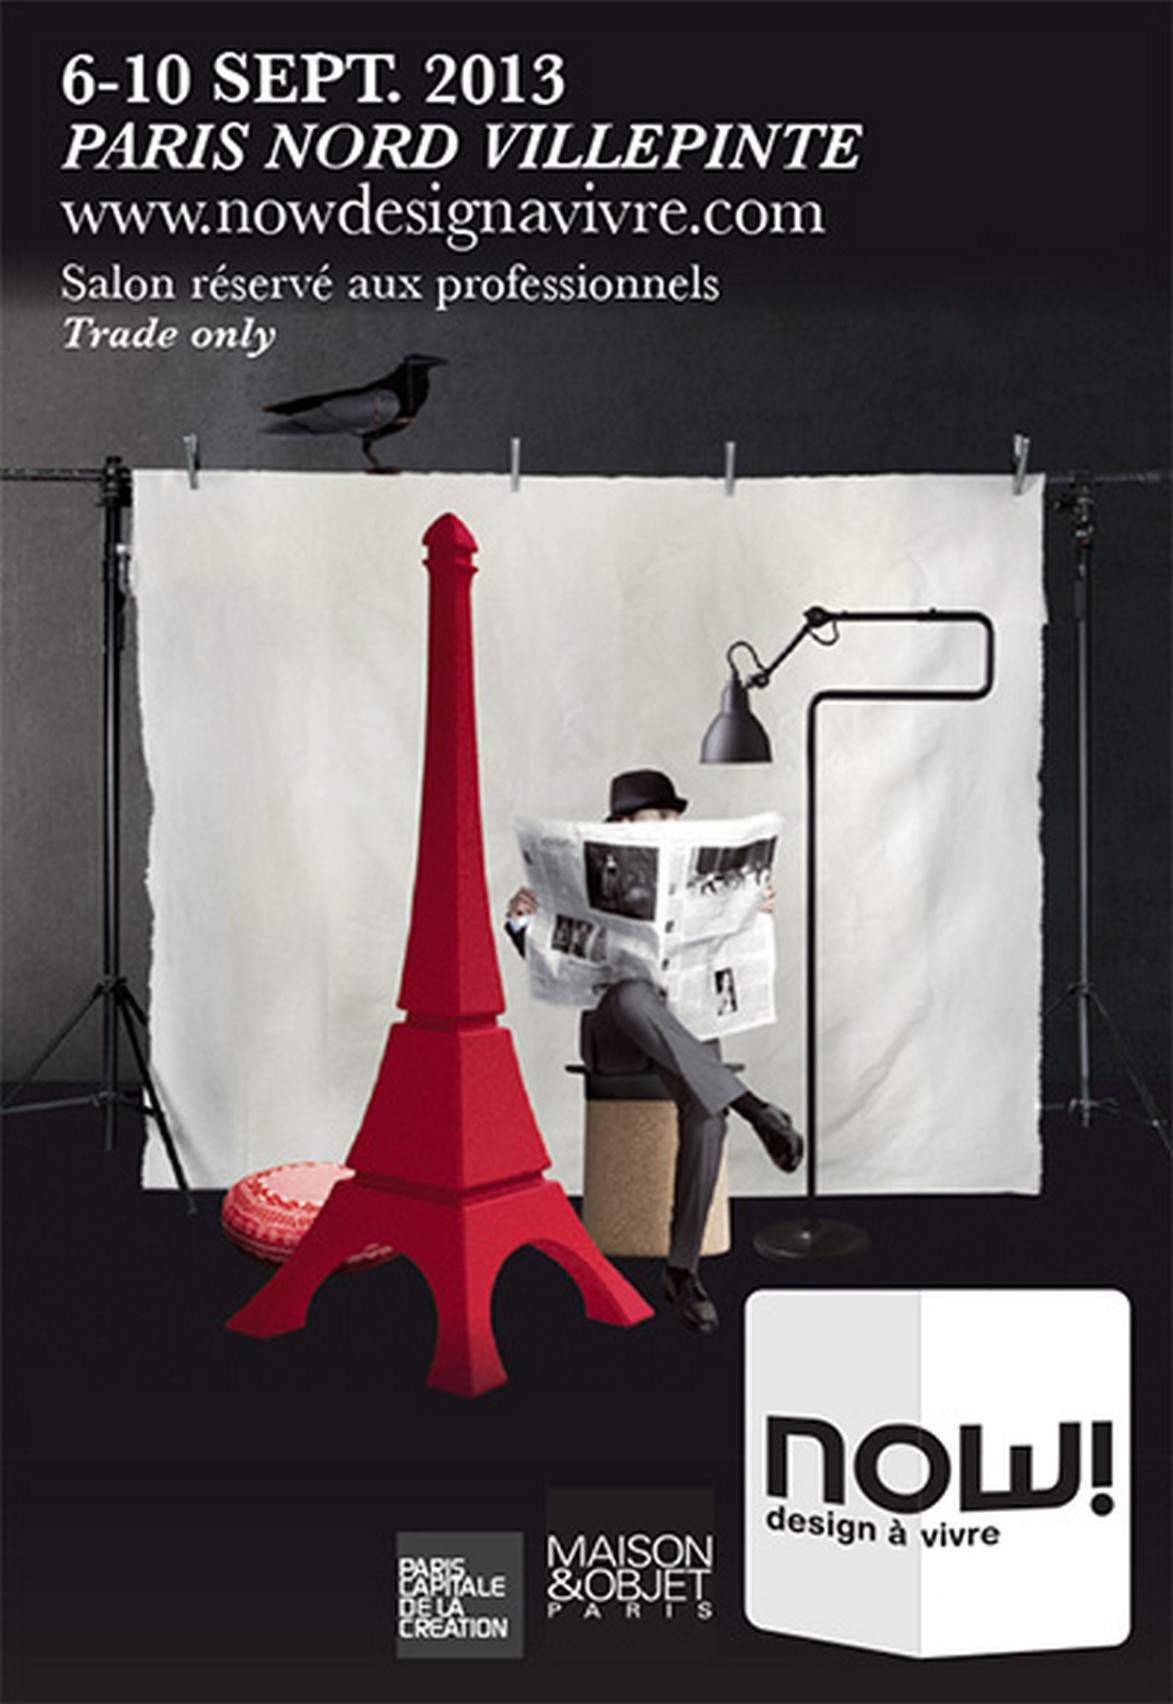 Maison et Objet 2013_settembre_Now desig a la vivre  Maison et Objet 2013, edizione settembre, Now! Design à la vivre Maison et Objet 2013 settembre Now desig a la vivre